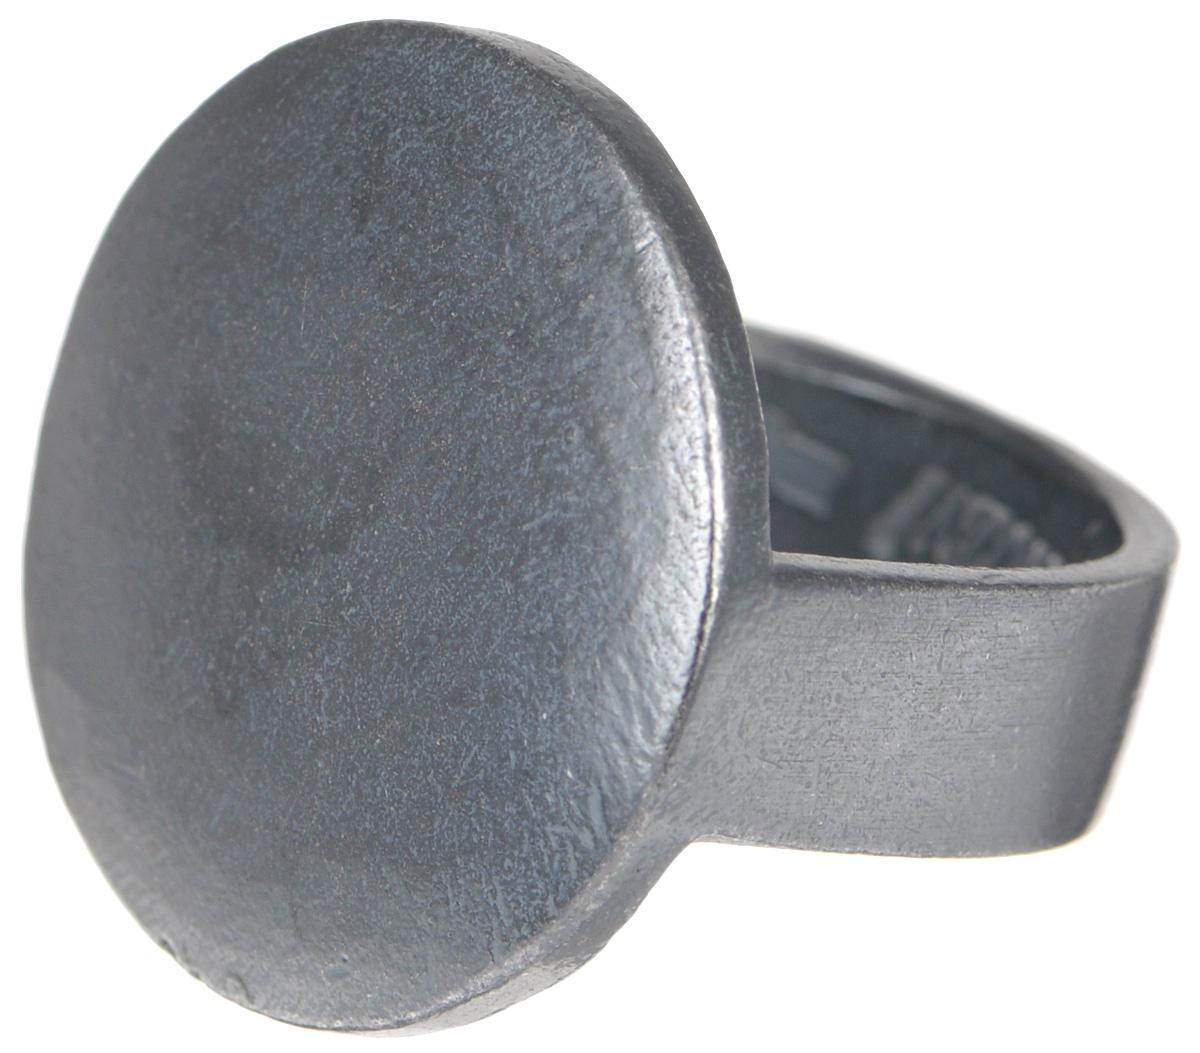 Кольцо Jenavi Mona. Сотиле, цвет: серый. k479o090. Размер 19Кольцо для платкаОригинальное кольцо от Jenavi Mona. Сотиле изготовлено из качественного металла с покрытием из черного оксида. Внутренняя сторона изделия оформлена тисненой надписью с названием бренда. Такое стильное кольцо сделает ваш образ интересным и подчеркнет вашу индивидуальность.